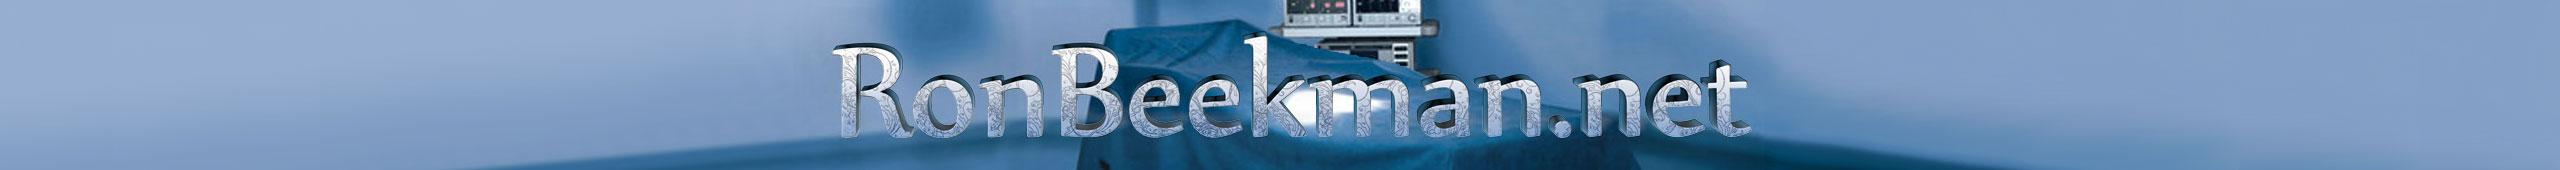 RonBeekman.net